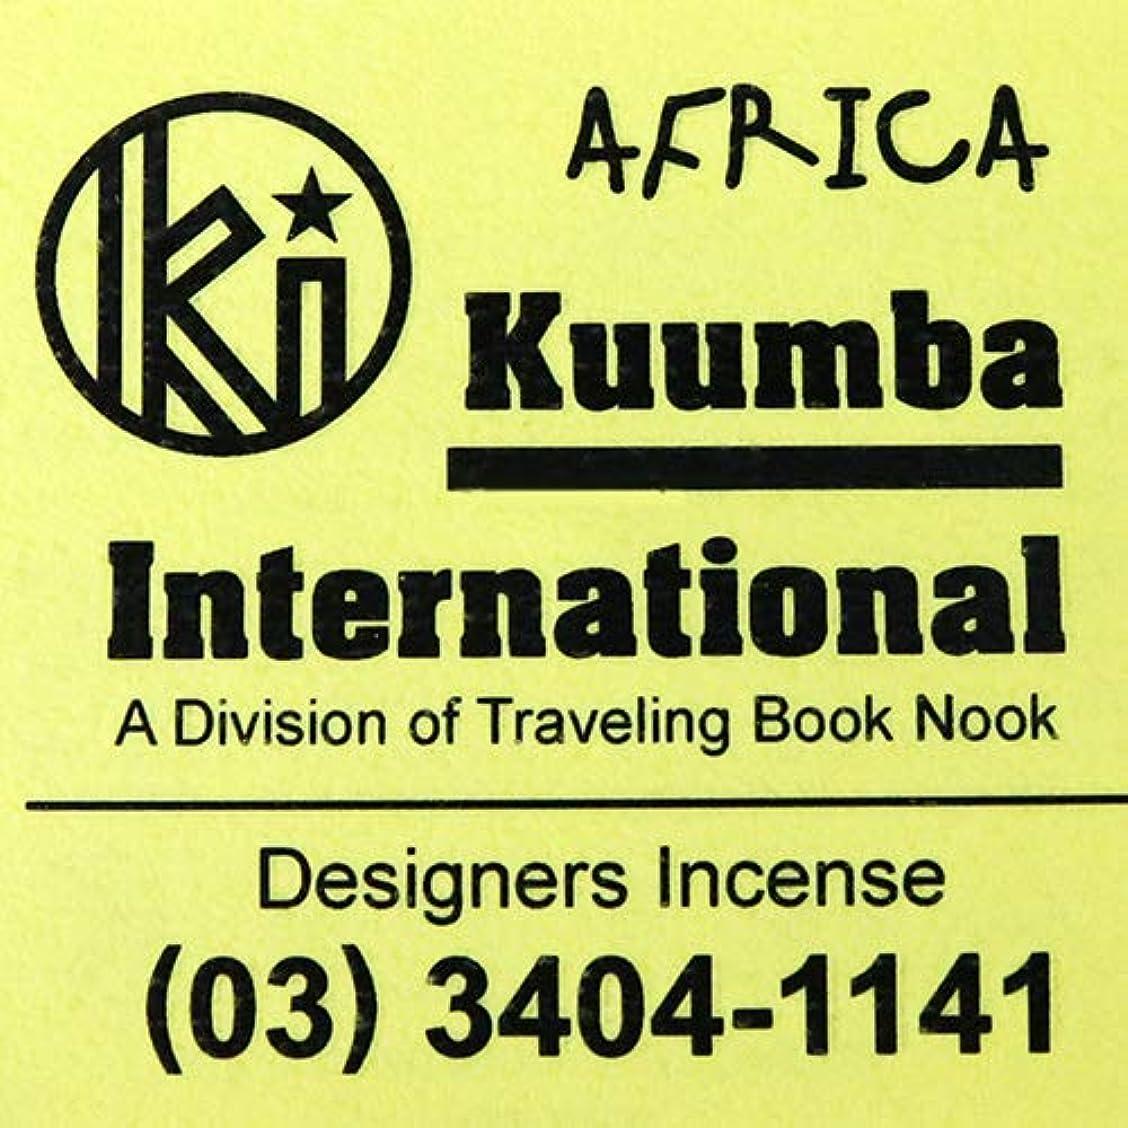 清めるけがをする留め金(クンバ) KUUMBA『incense』(AFRICA) (AFRICA, Regular size)